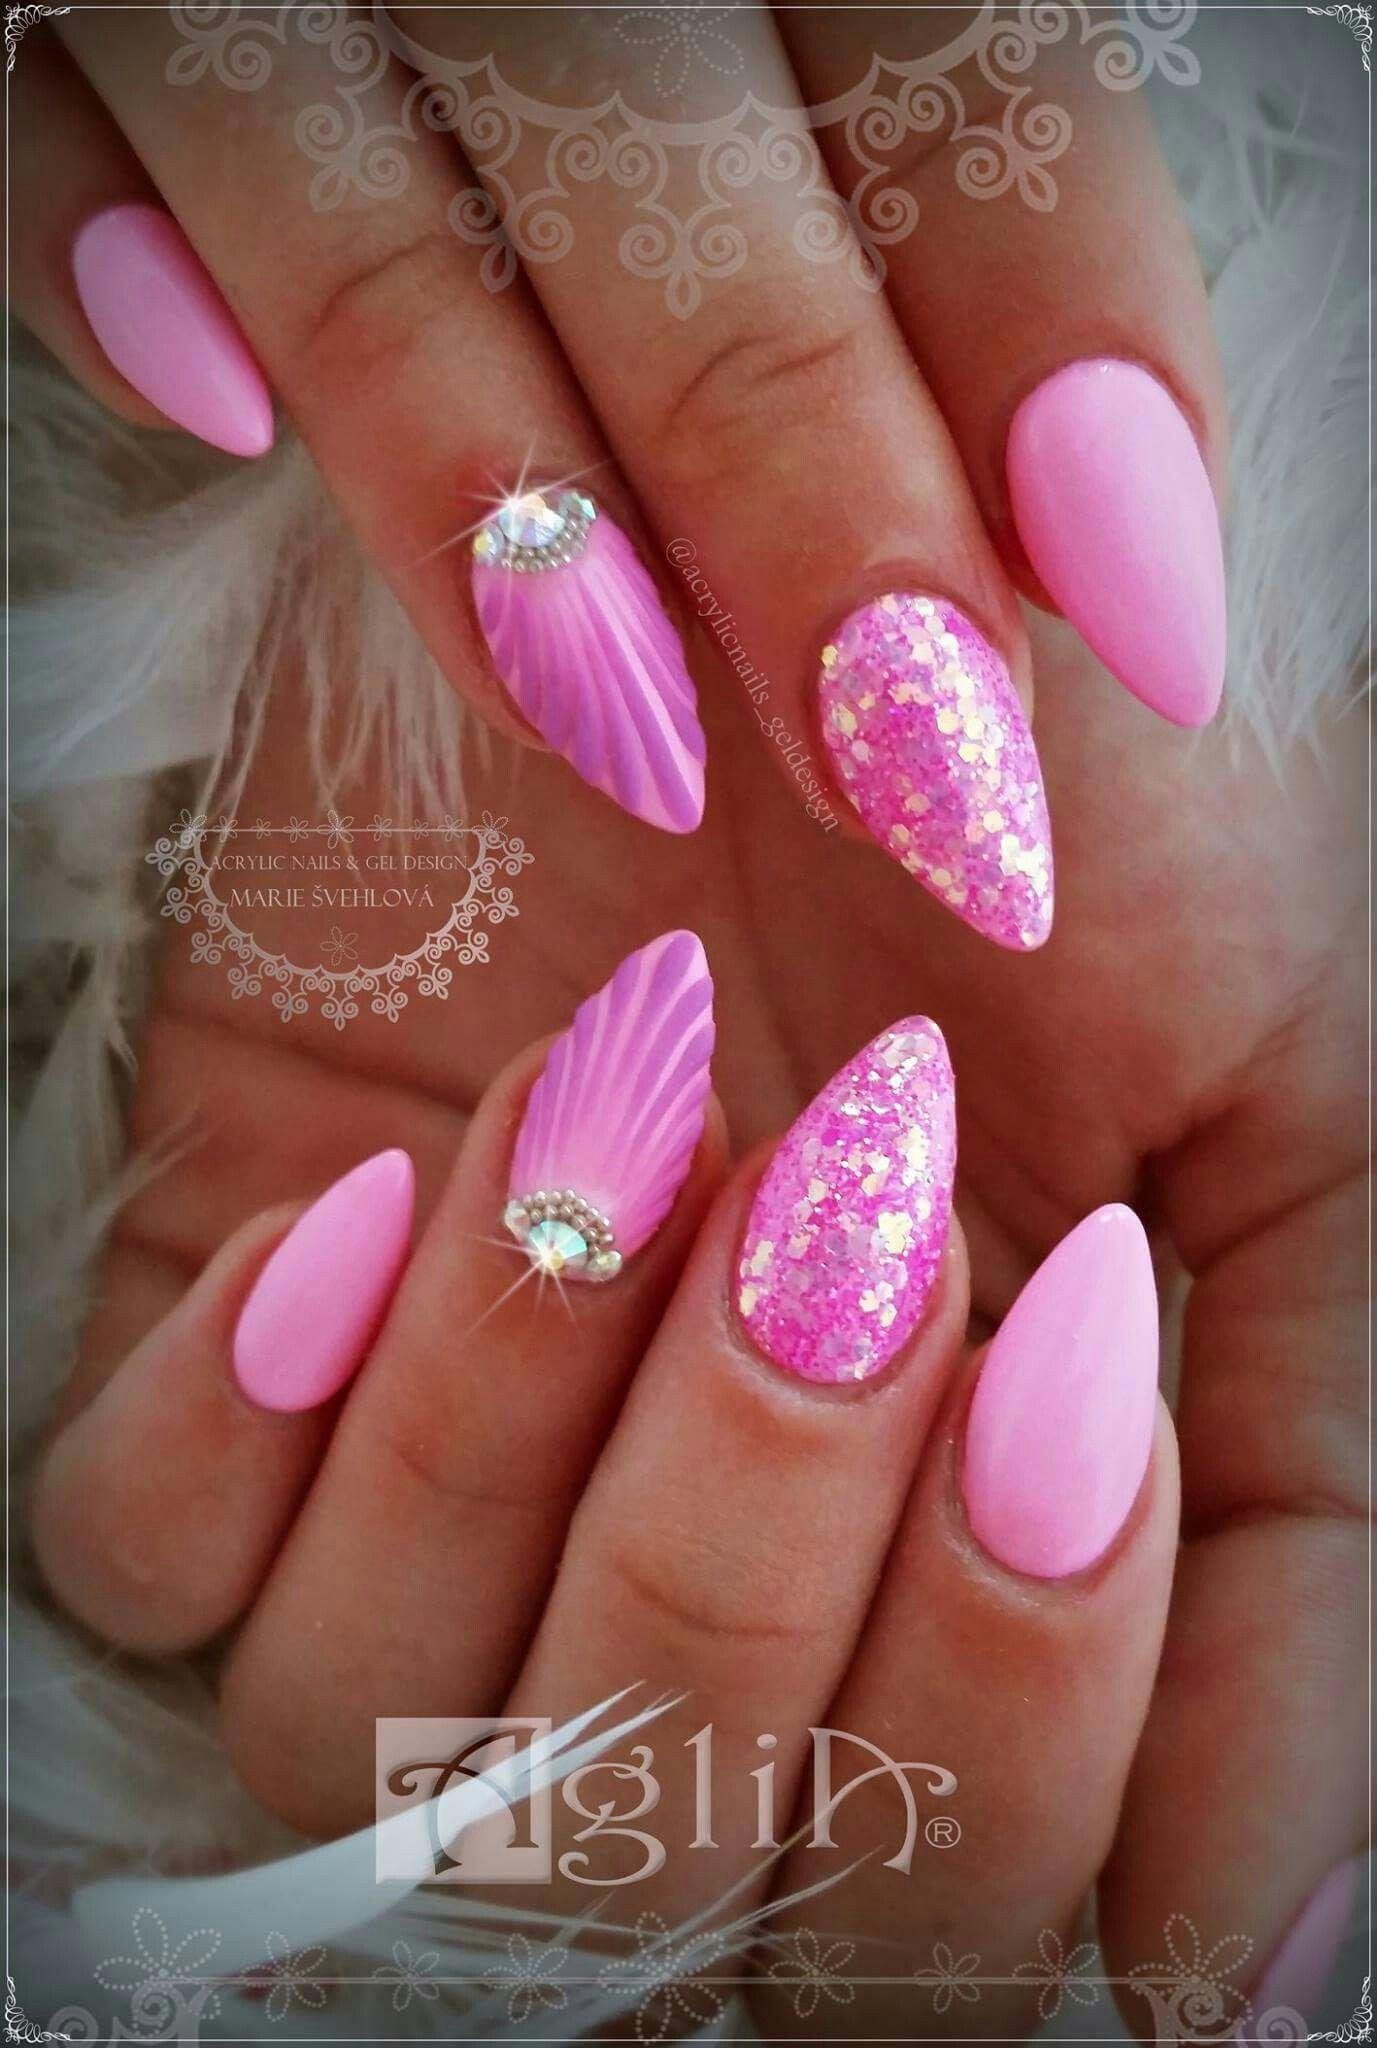 Acrylic Nails Gel Design Pink Nails Shell Nail Design Unhas Decoradas Unhas Bonitas Ideias Para Unhas